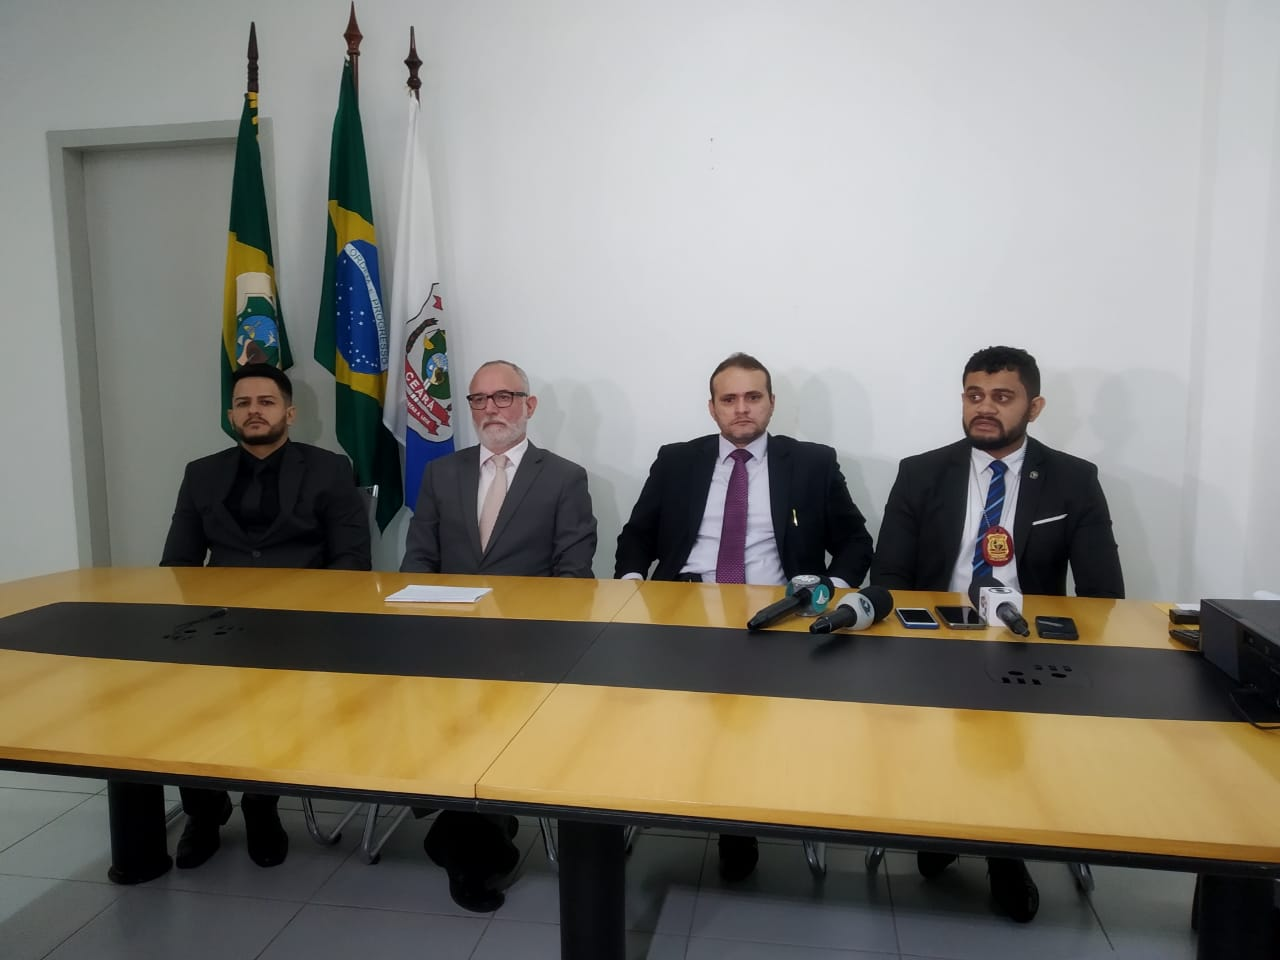 Polícia Civil deflagra segunda fase da Operação Labirinto e sequestra mais de R$ 4 milhões em bens de presos